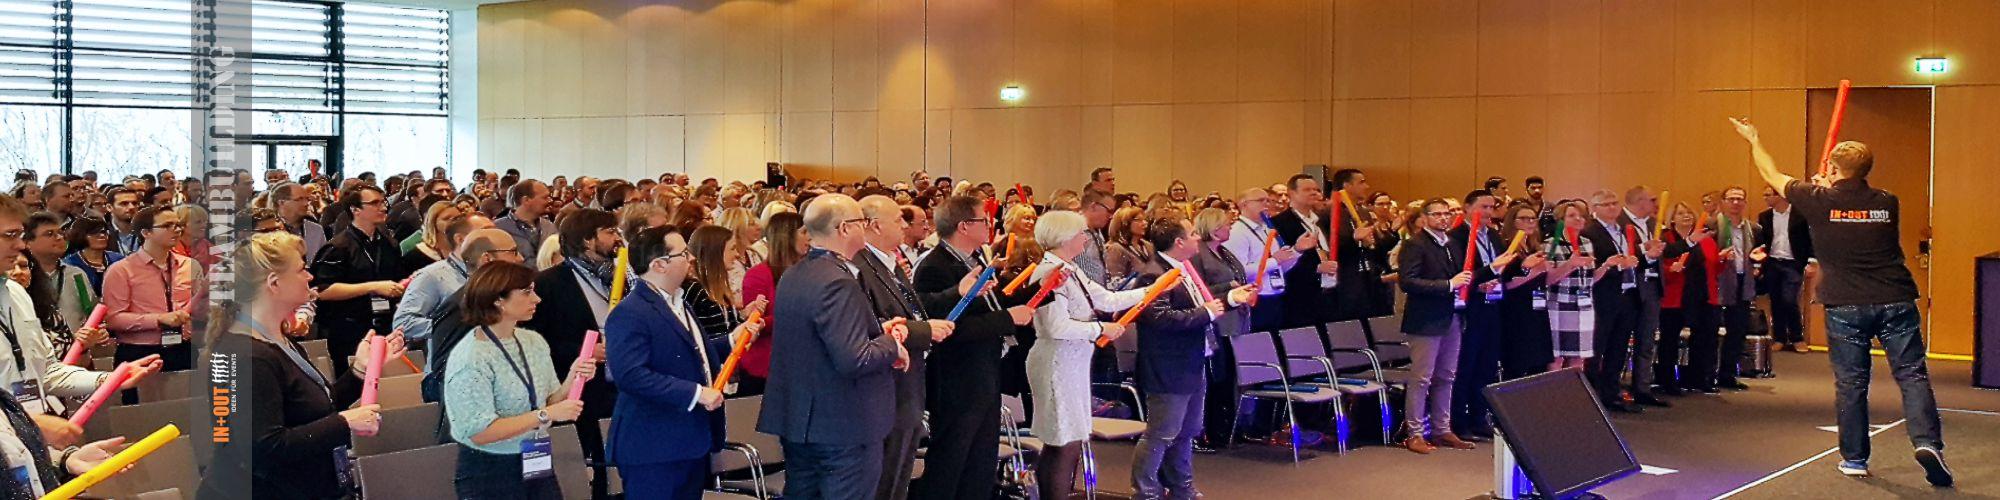 Ideen für Team Events - Bommwhacker Incentive - Lufthansa 550 Teilnehmer - Eifel + Mosel